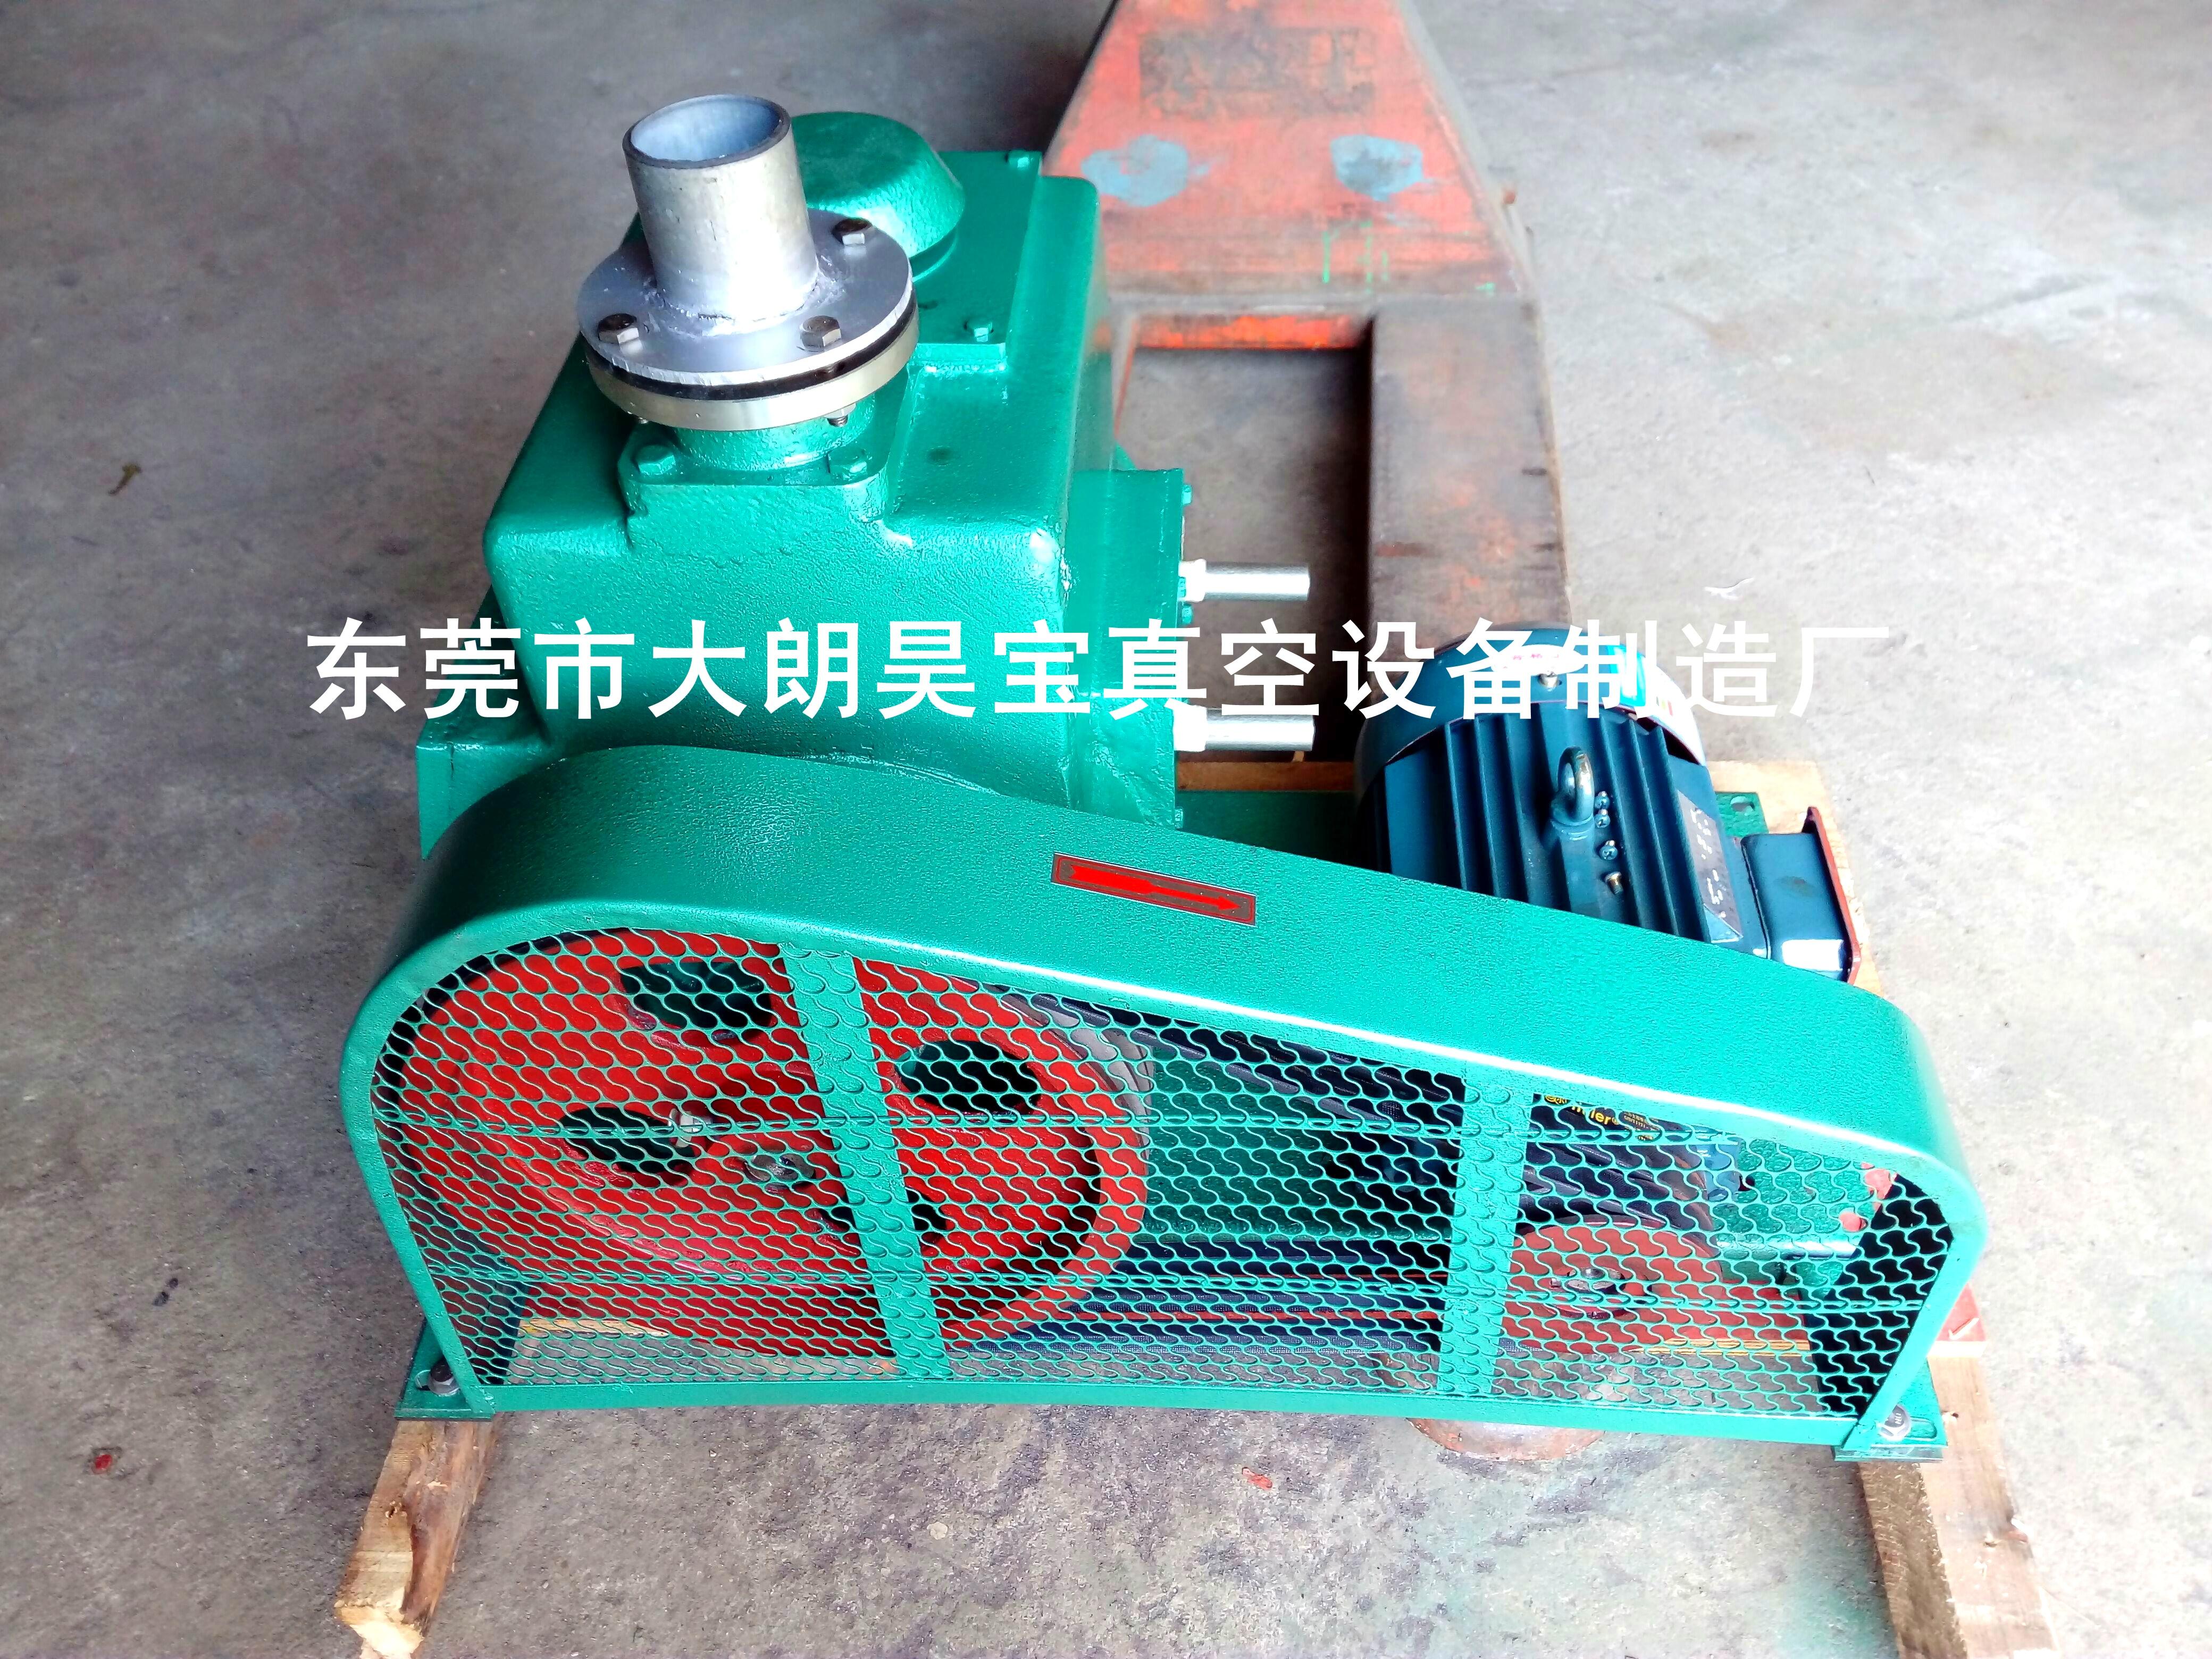 供应硅胶真空泵树脂胶水消泡抽泡真空机